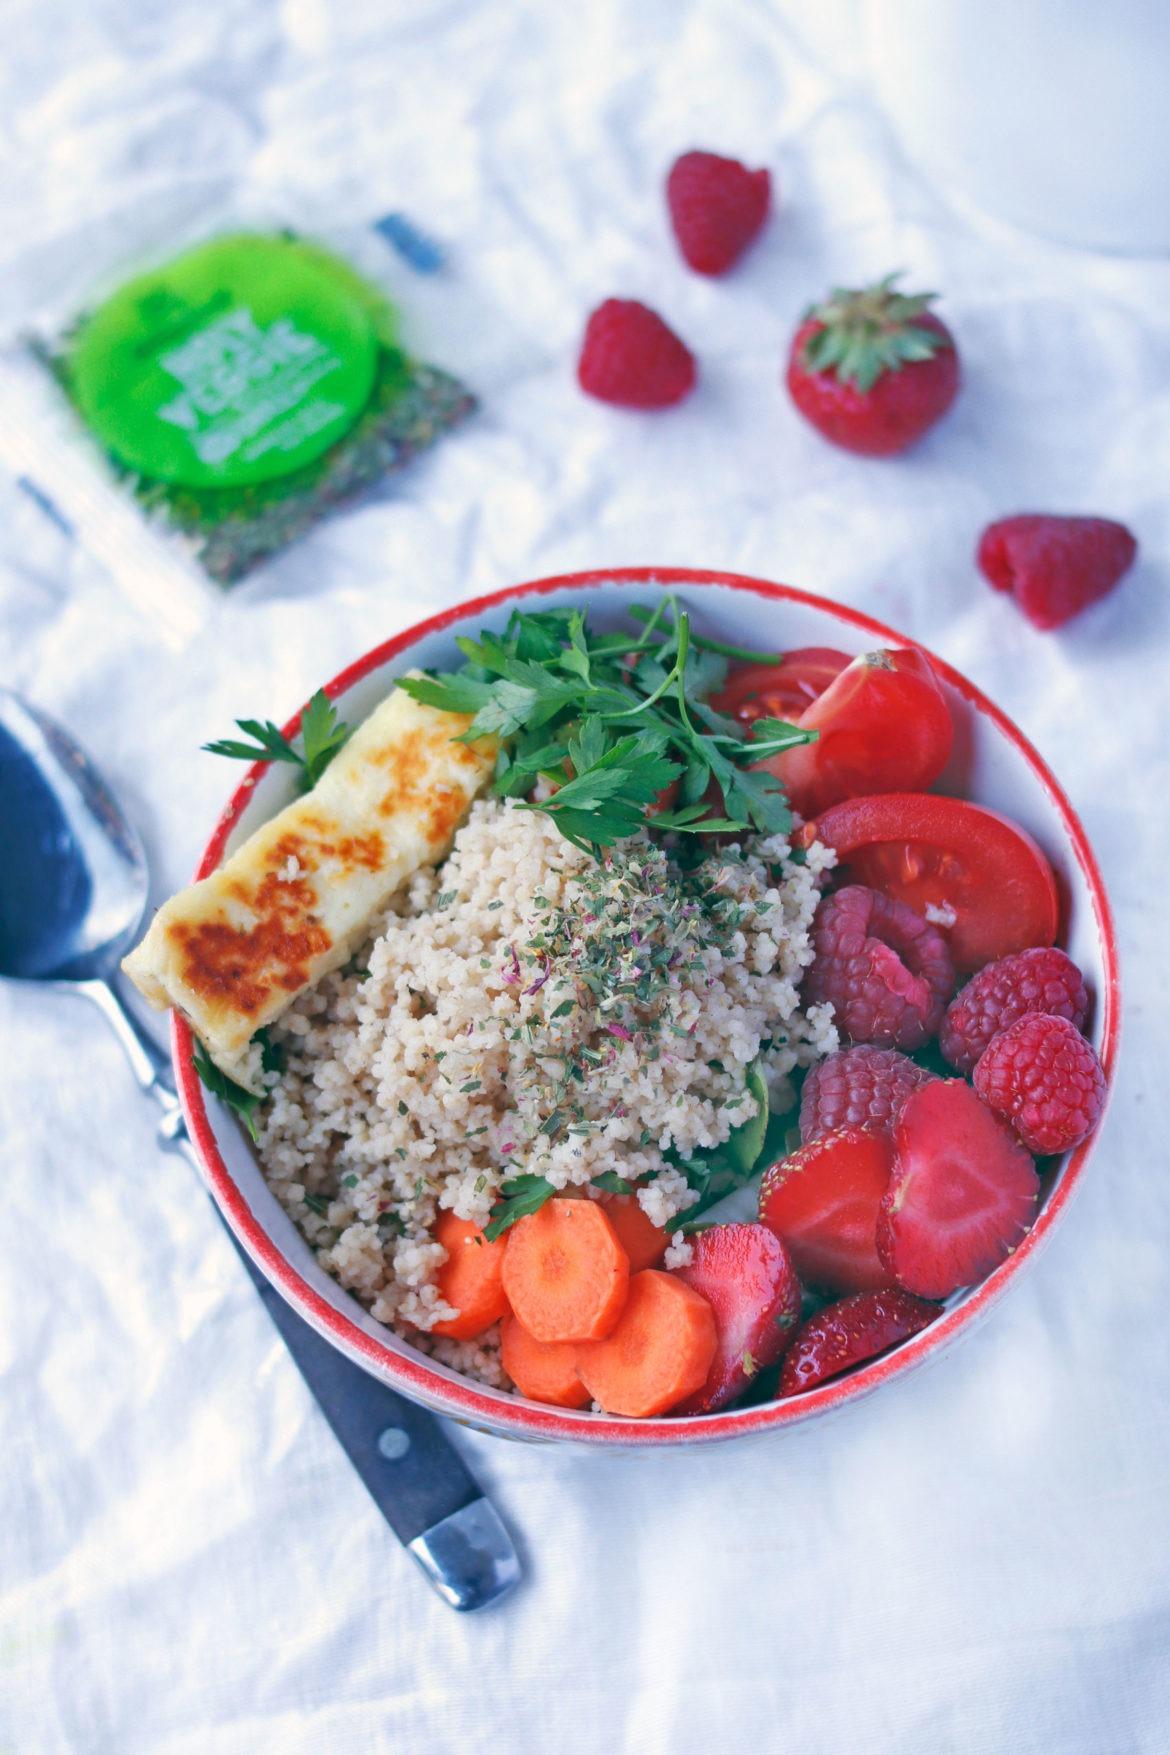 Vegetarische Buddha Bowl Ideen. Gesundes Mittagessen im Bpro. Lunch Rezept für die Mittagspause mit Sonnentor. Gemüsebowl